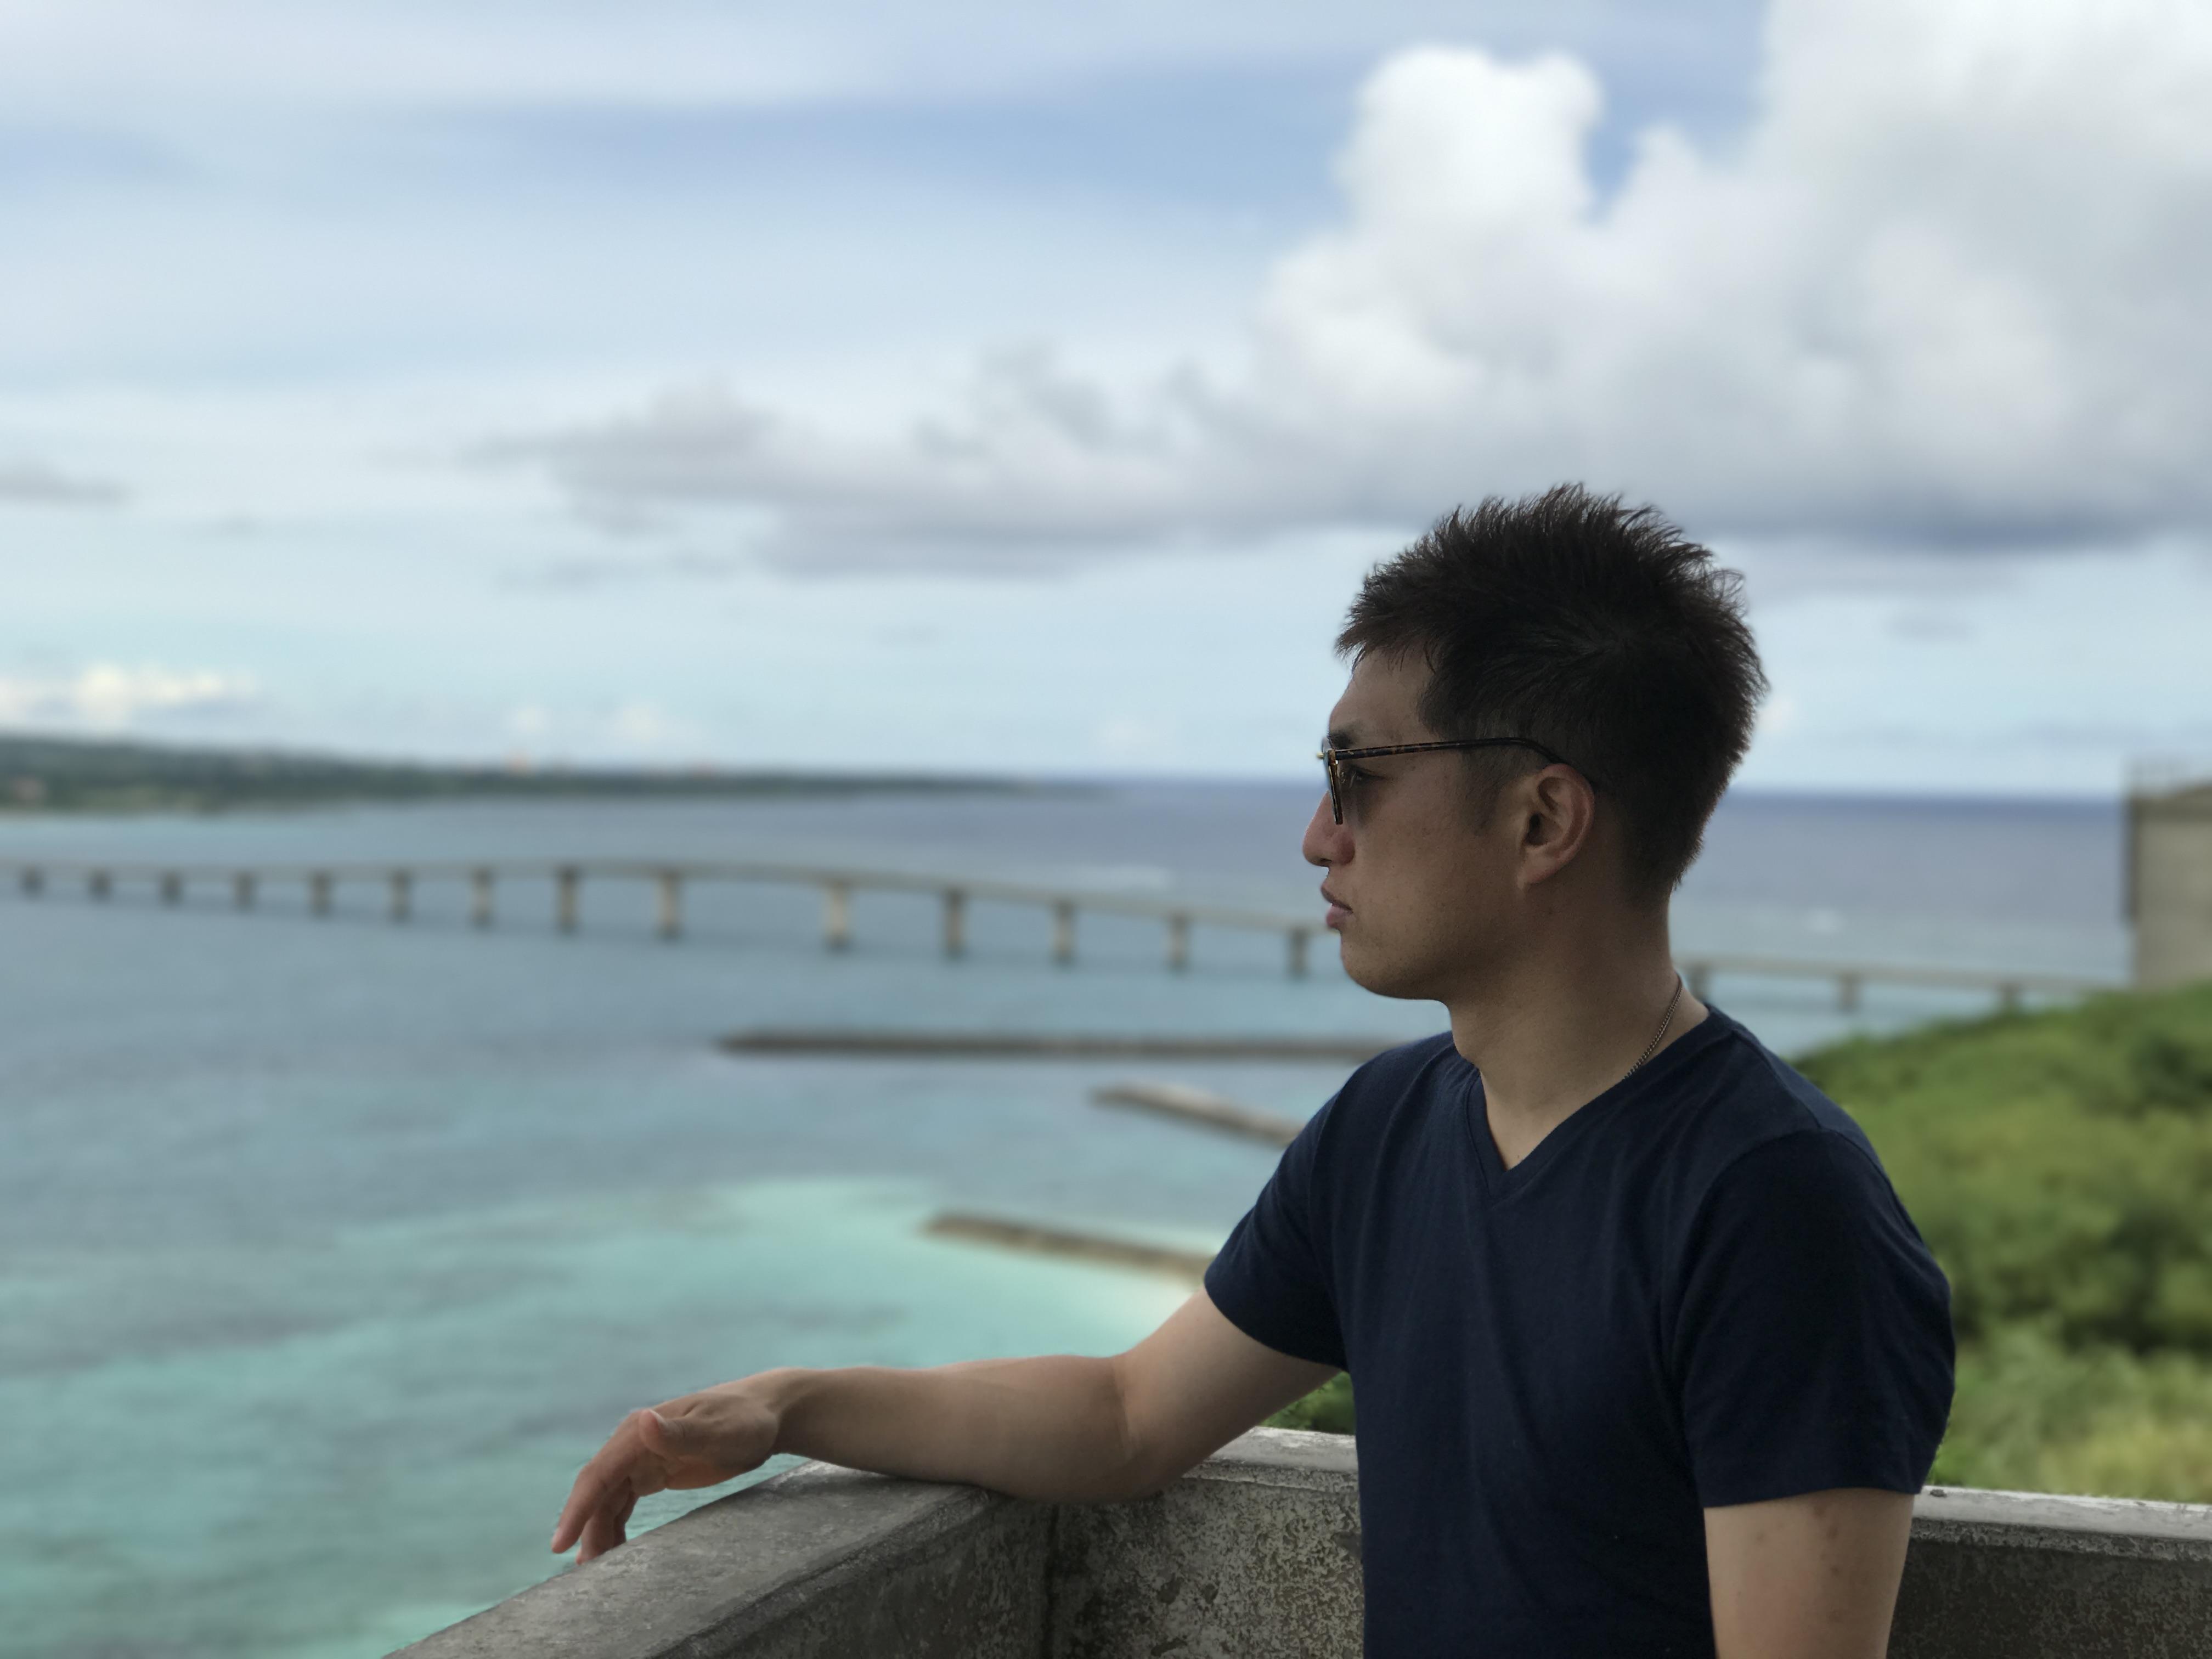 宮古島旅行記!離島専門メディア「離島時間」発行Someiyoshino山崎の宮古島初上陸